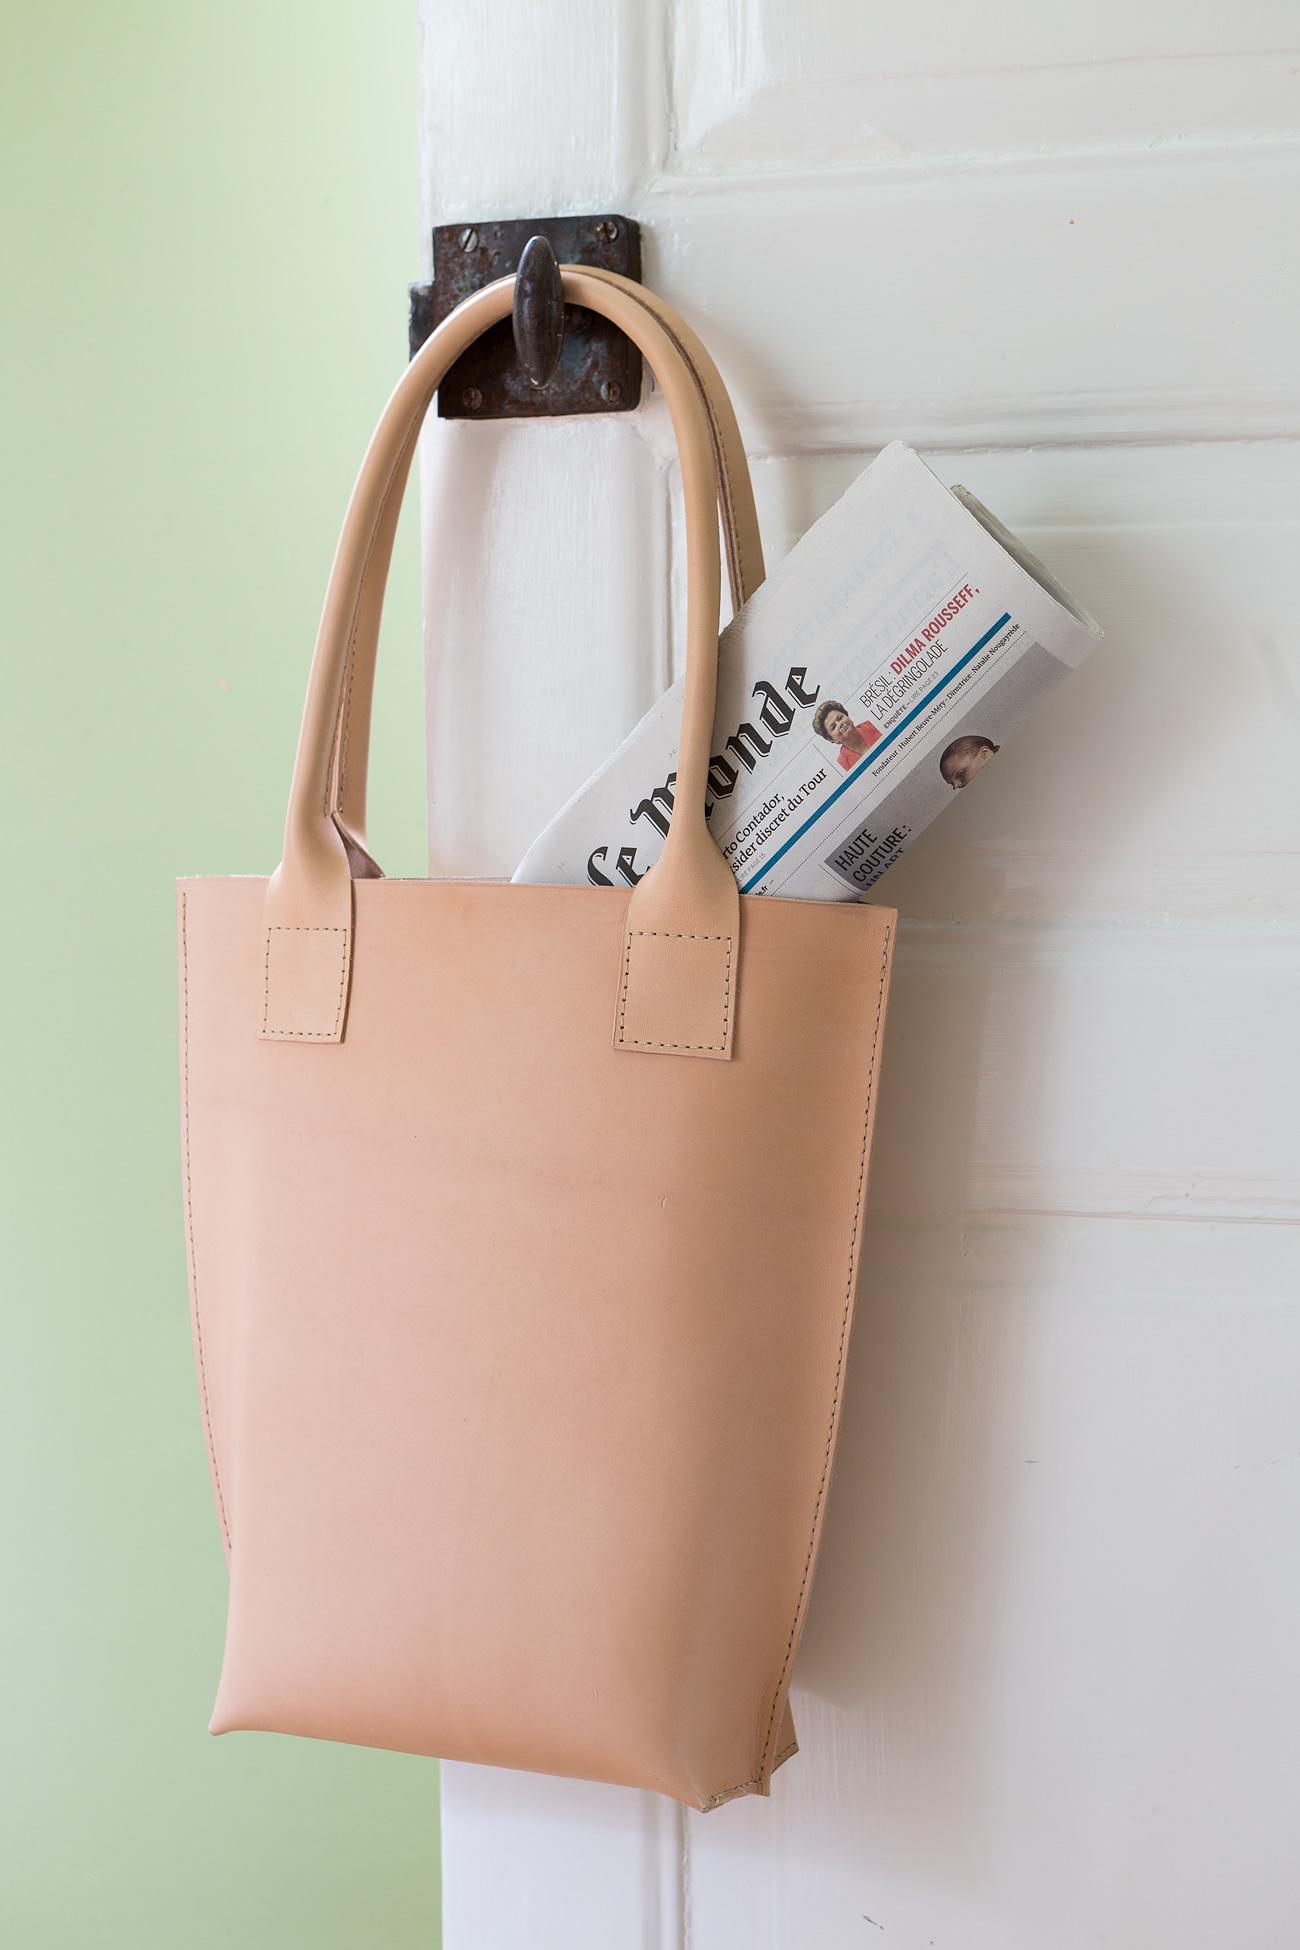 Den här väskan är sydd i ett stycke med en botten konstruerad efter samma  princip som vikningen i botten på ett mjölkpaket. Men eftersom lädret är  tjockt ... 264e34255568a